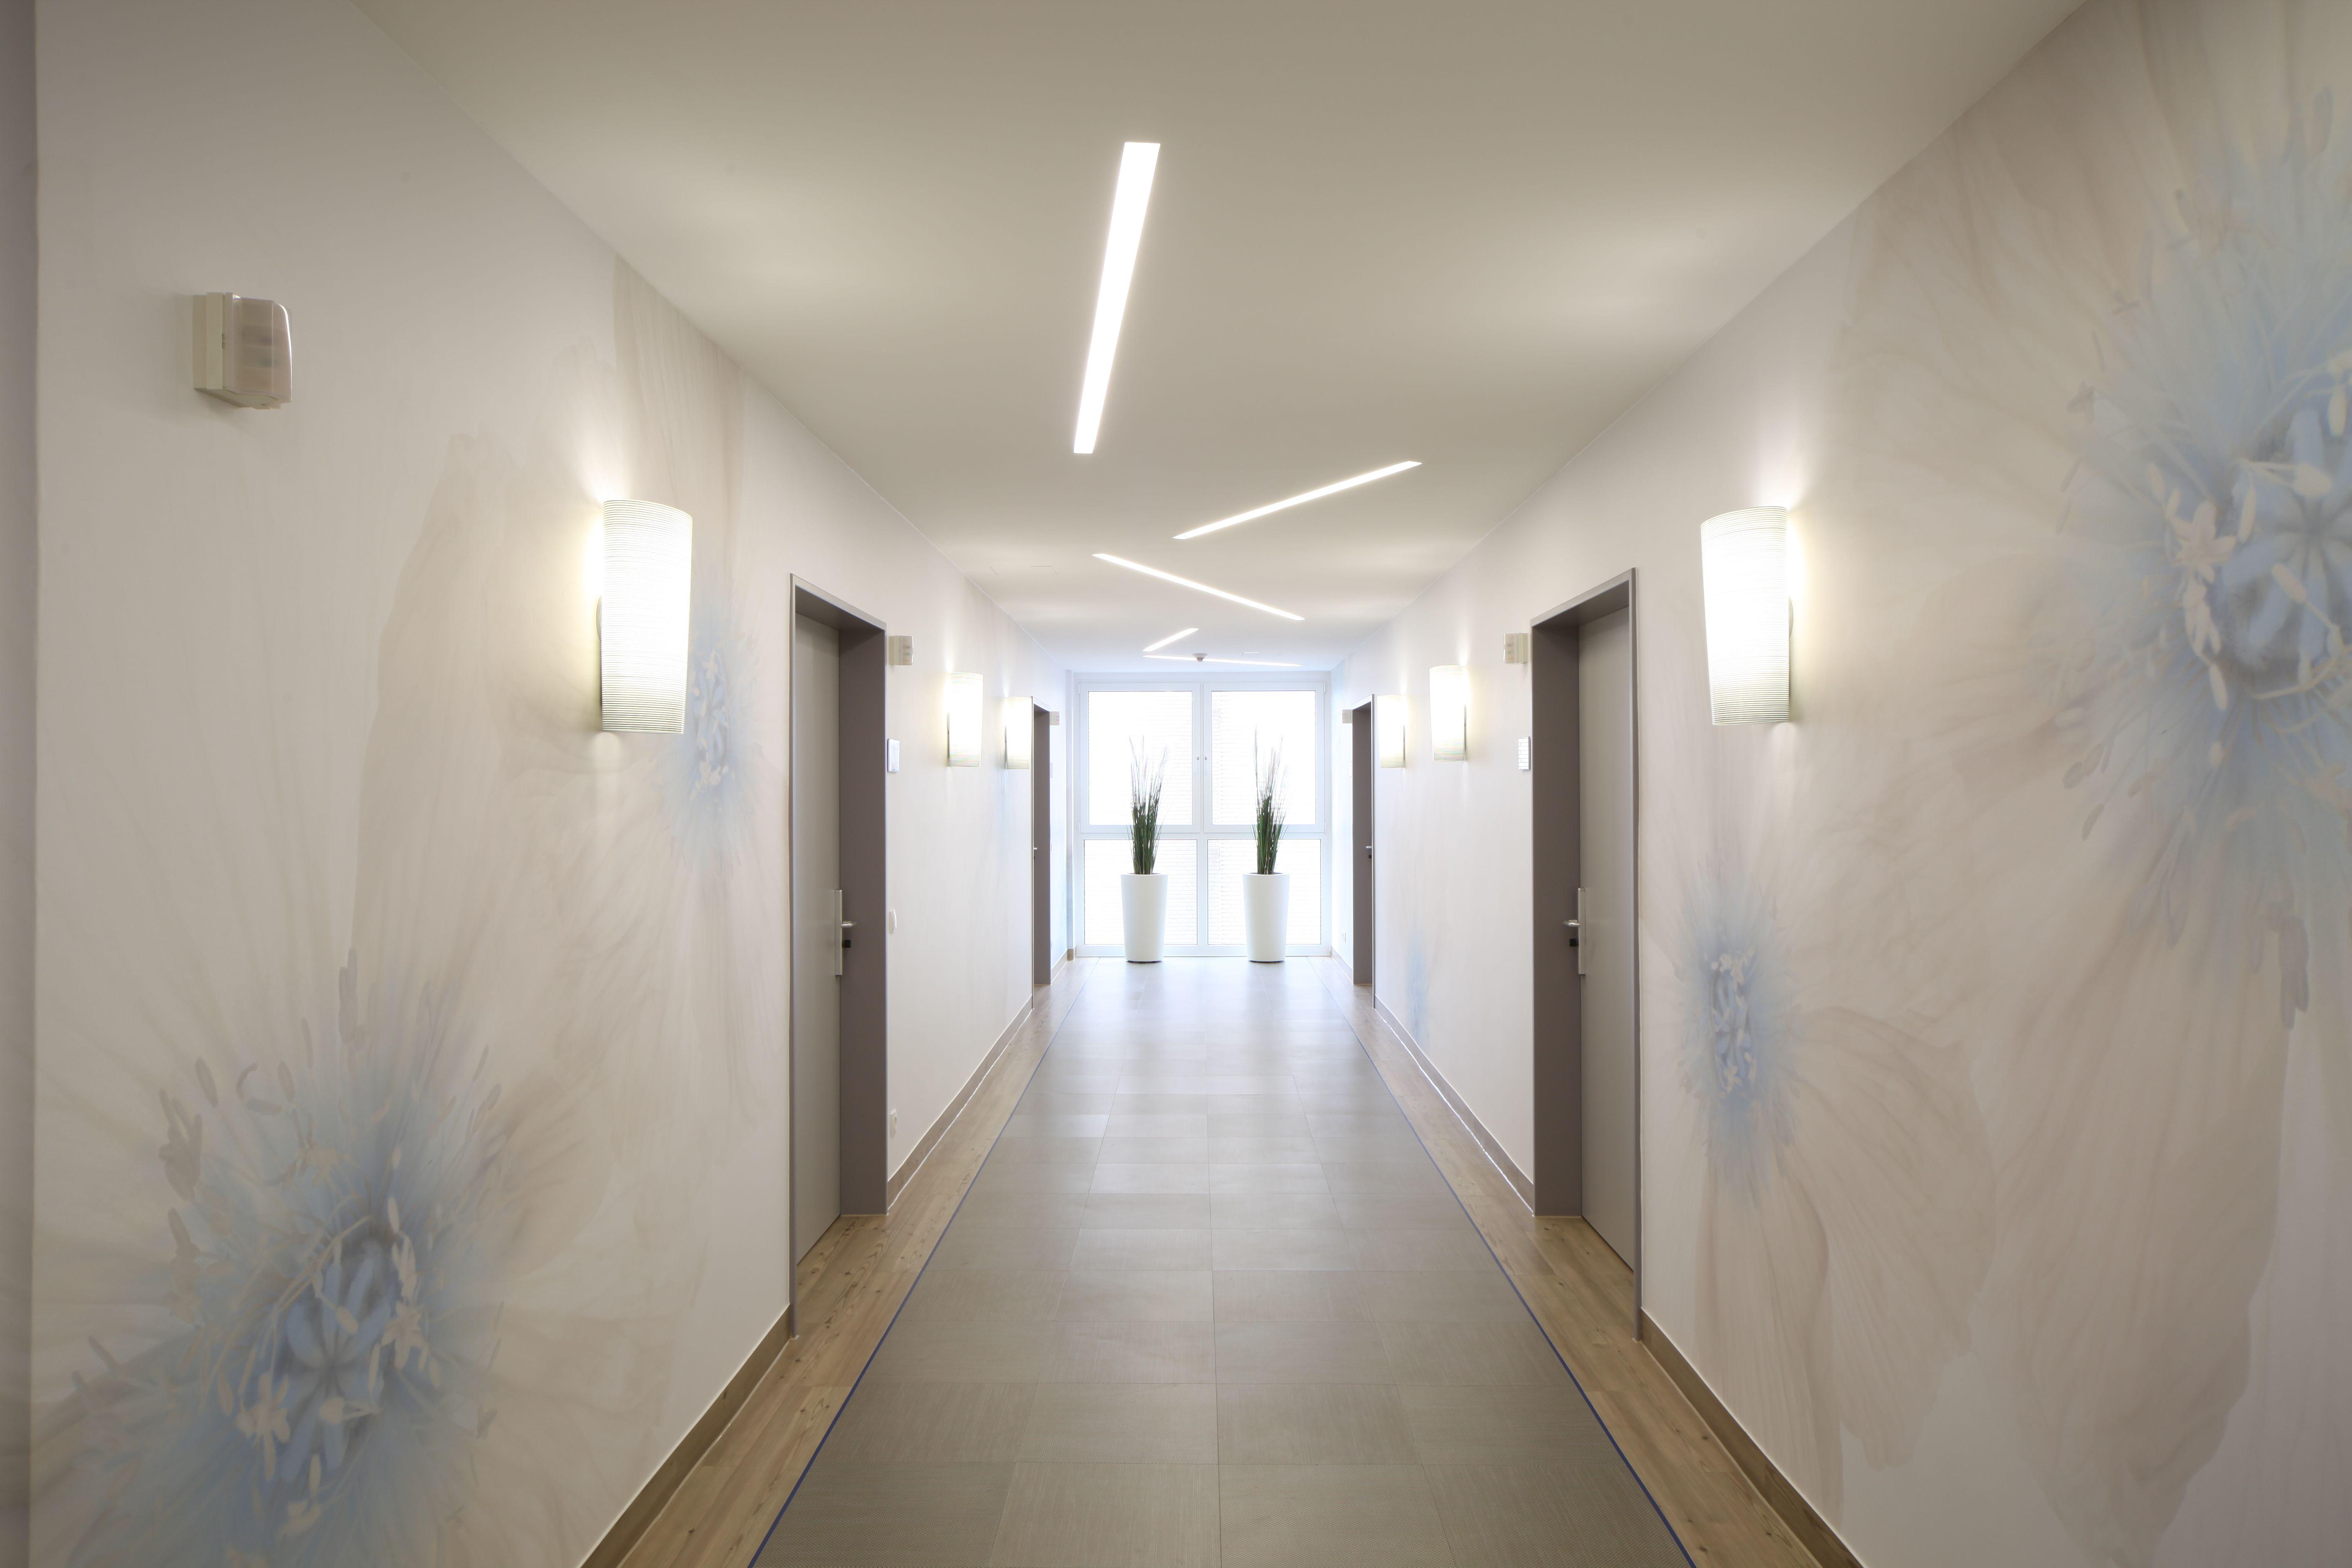 vescom - evangelisches krankenhaus oberhausen - image: hell und, Innenarchitektur ideen